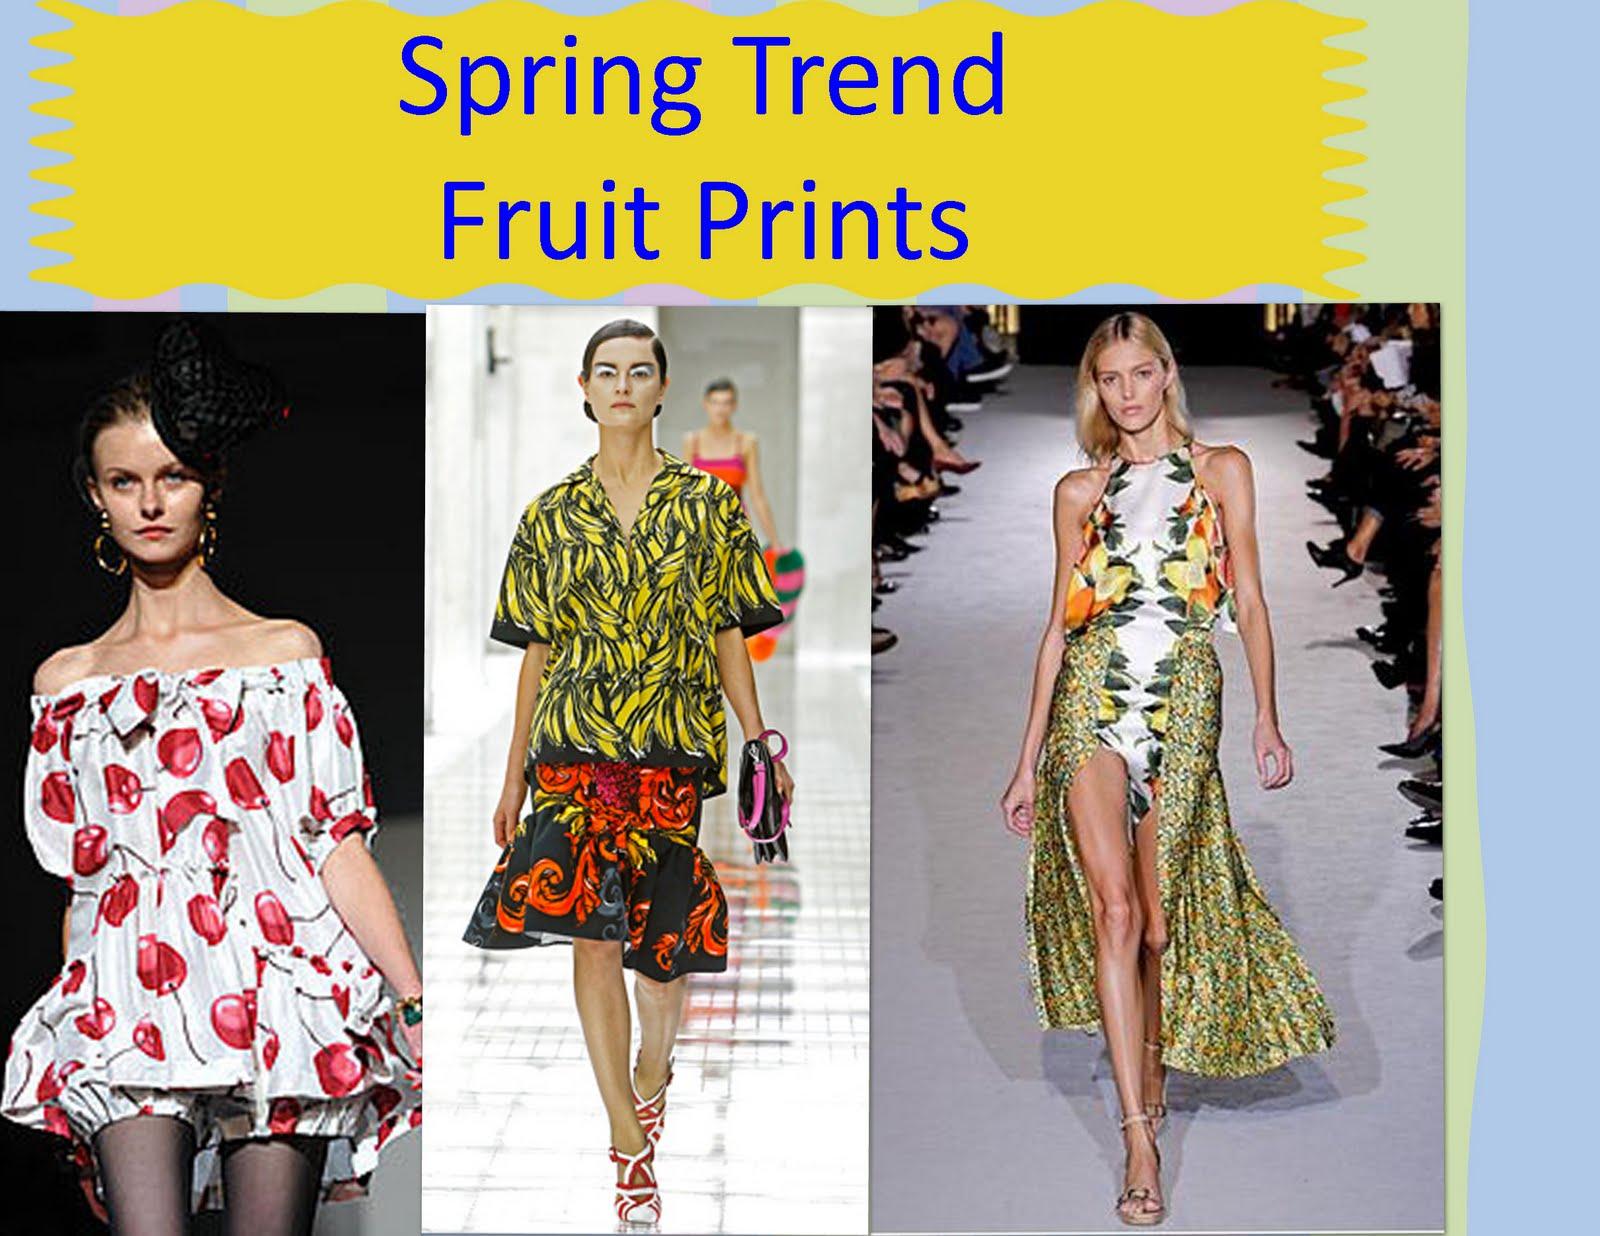 http://4.bp.blogspot.com/-iwD8A5hEo2M/TdU-8mCk37I/AAAAAAAAHw4/F78qVYk-Ejg/s1600/trend.jpg